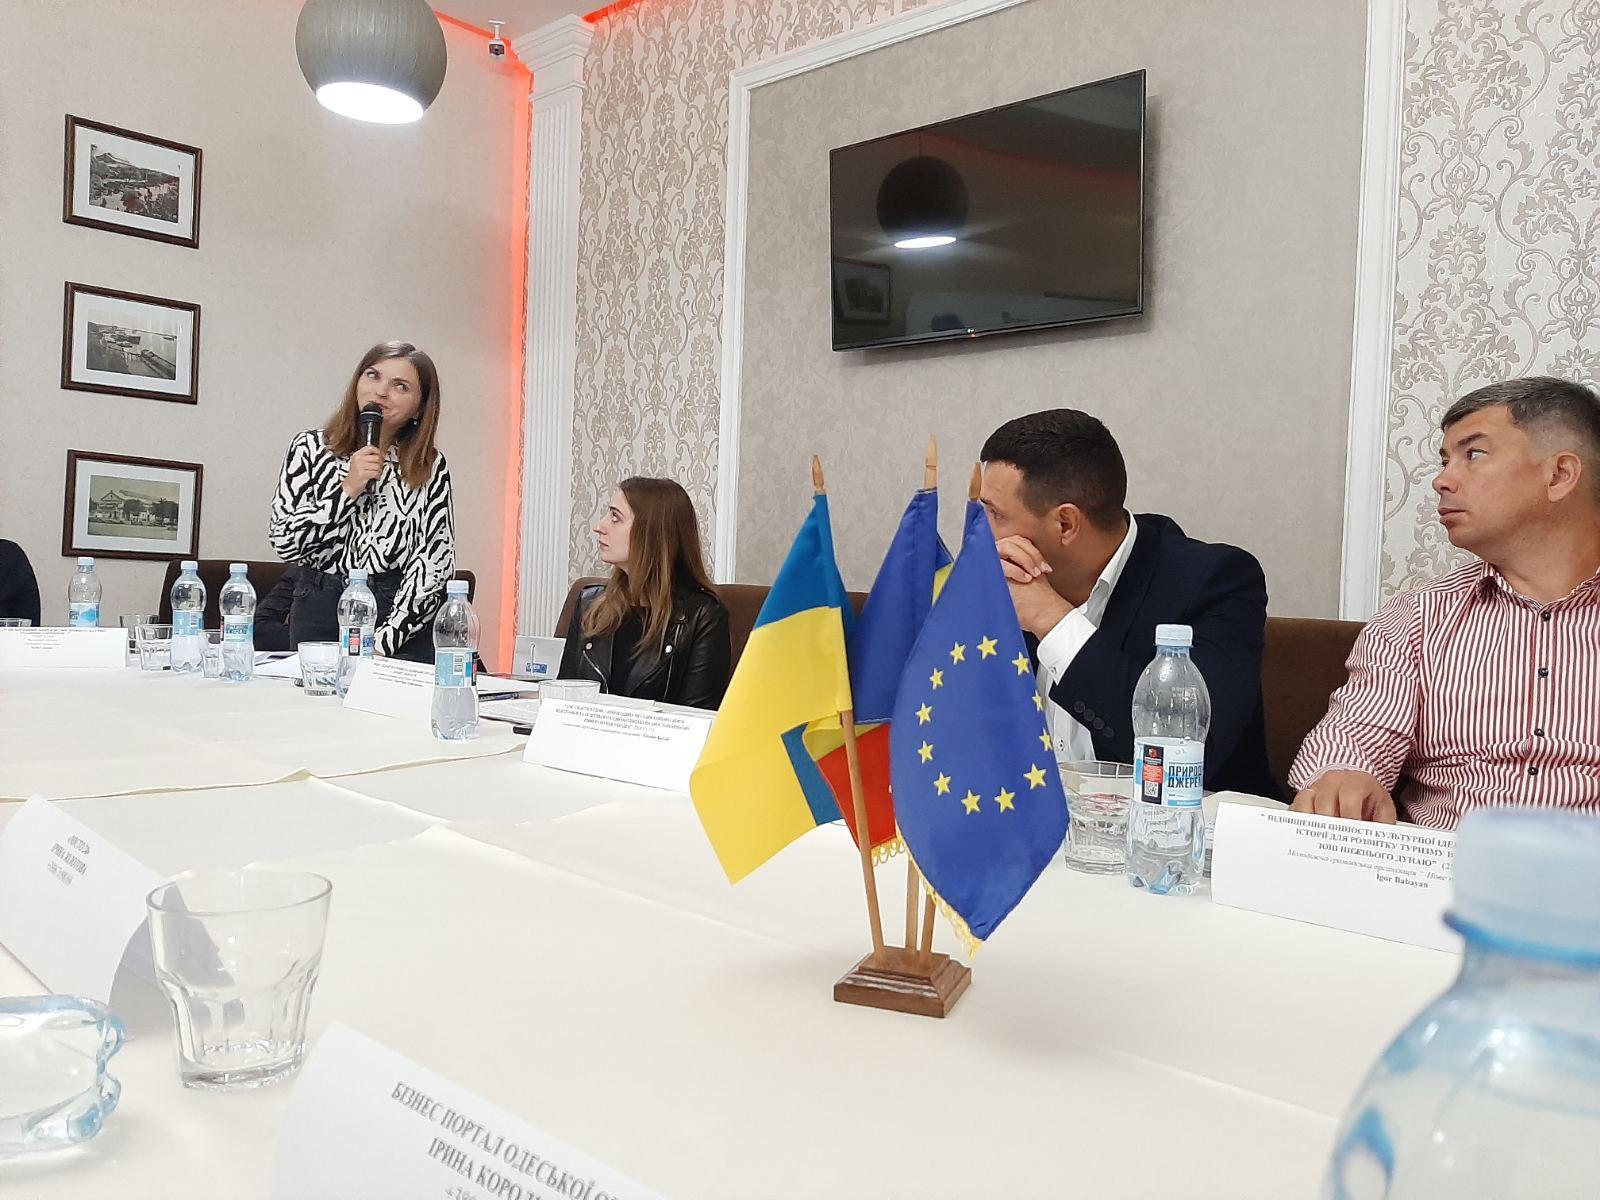 В Измаиле прошла масштабная конференция по сотрудничеству Украины и Румынии